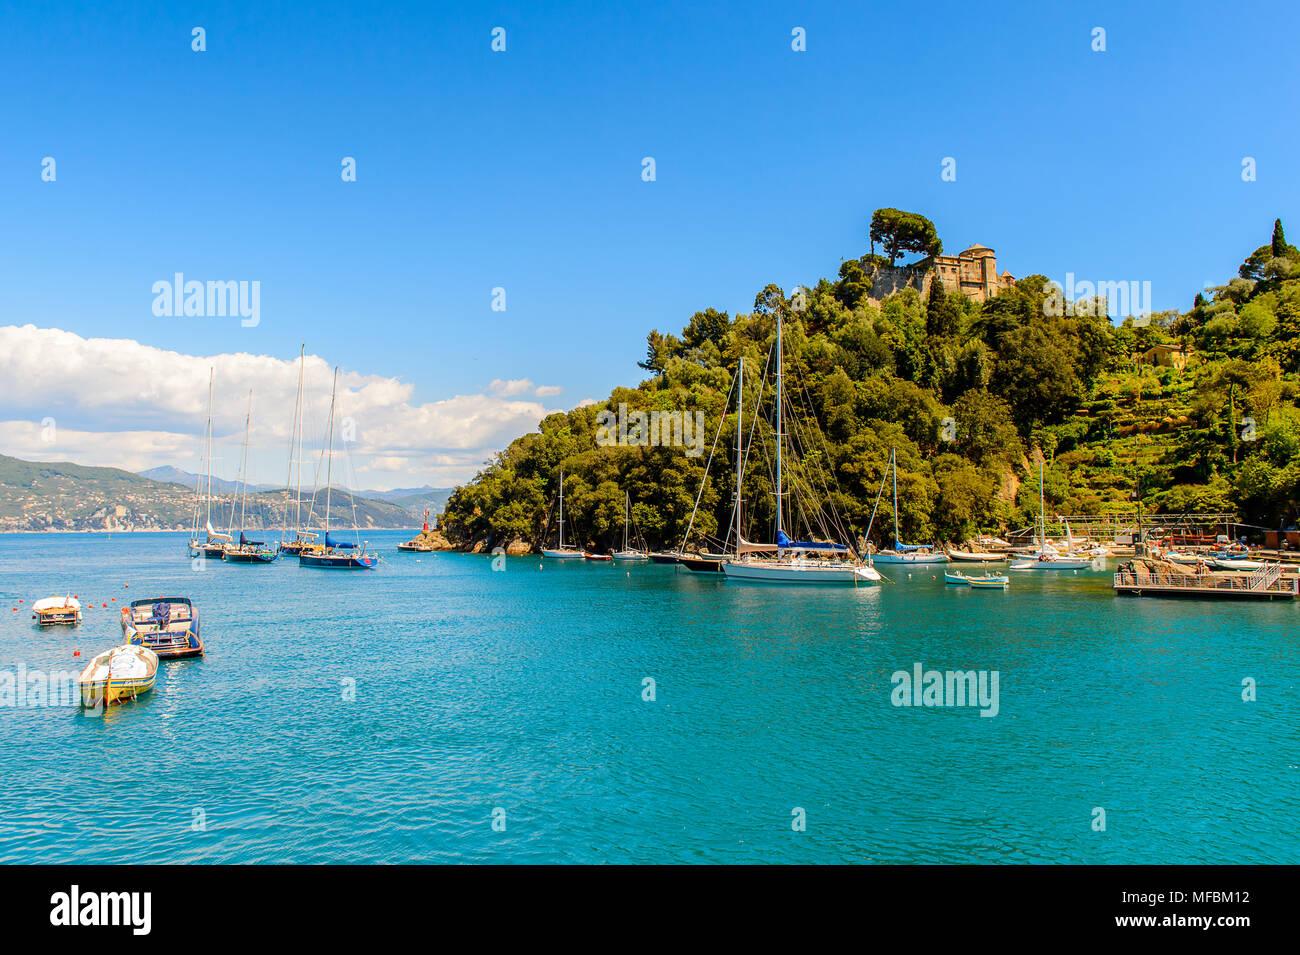 Hafen von Portofino, ist ein Italienisches Fischerdorf, Provinz Genua, Italien. Ferien Resort mit einem malerischen Hafen und mit Prominenten und Künstler Stockbild